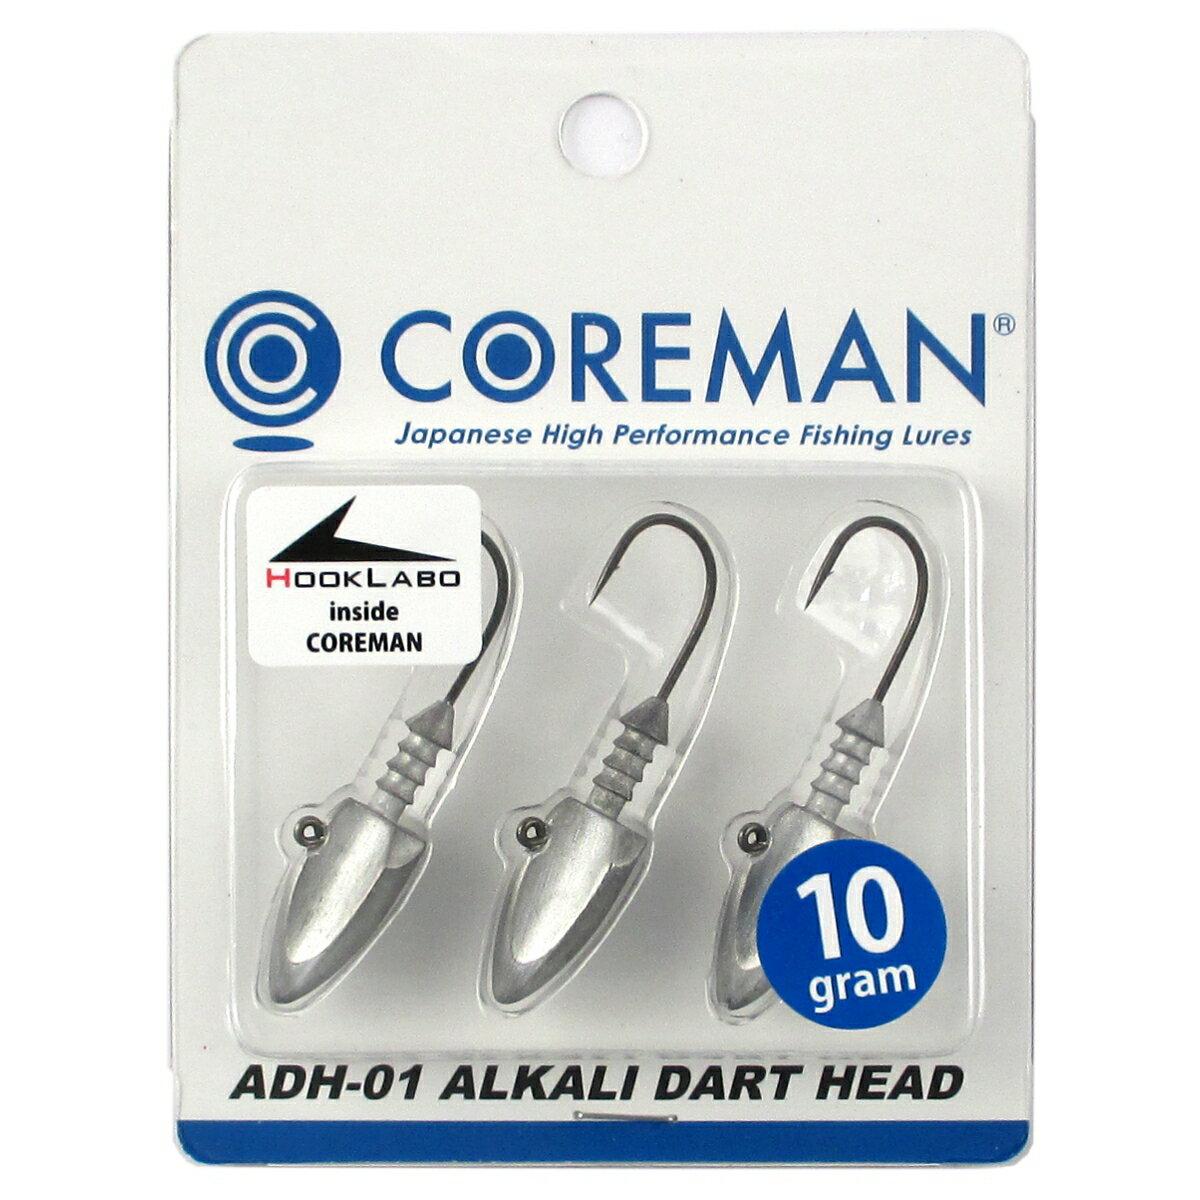 コアマン アルカリダートヘッド ADH-01 10g #001(アンペイント/無塗装)【ゆうパケット】